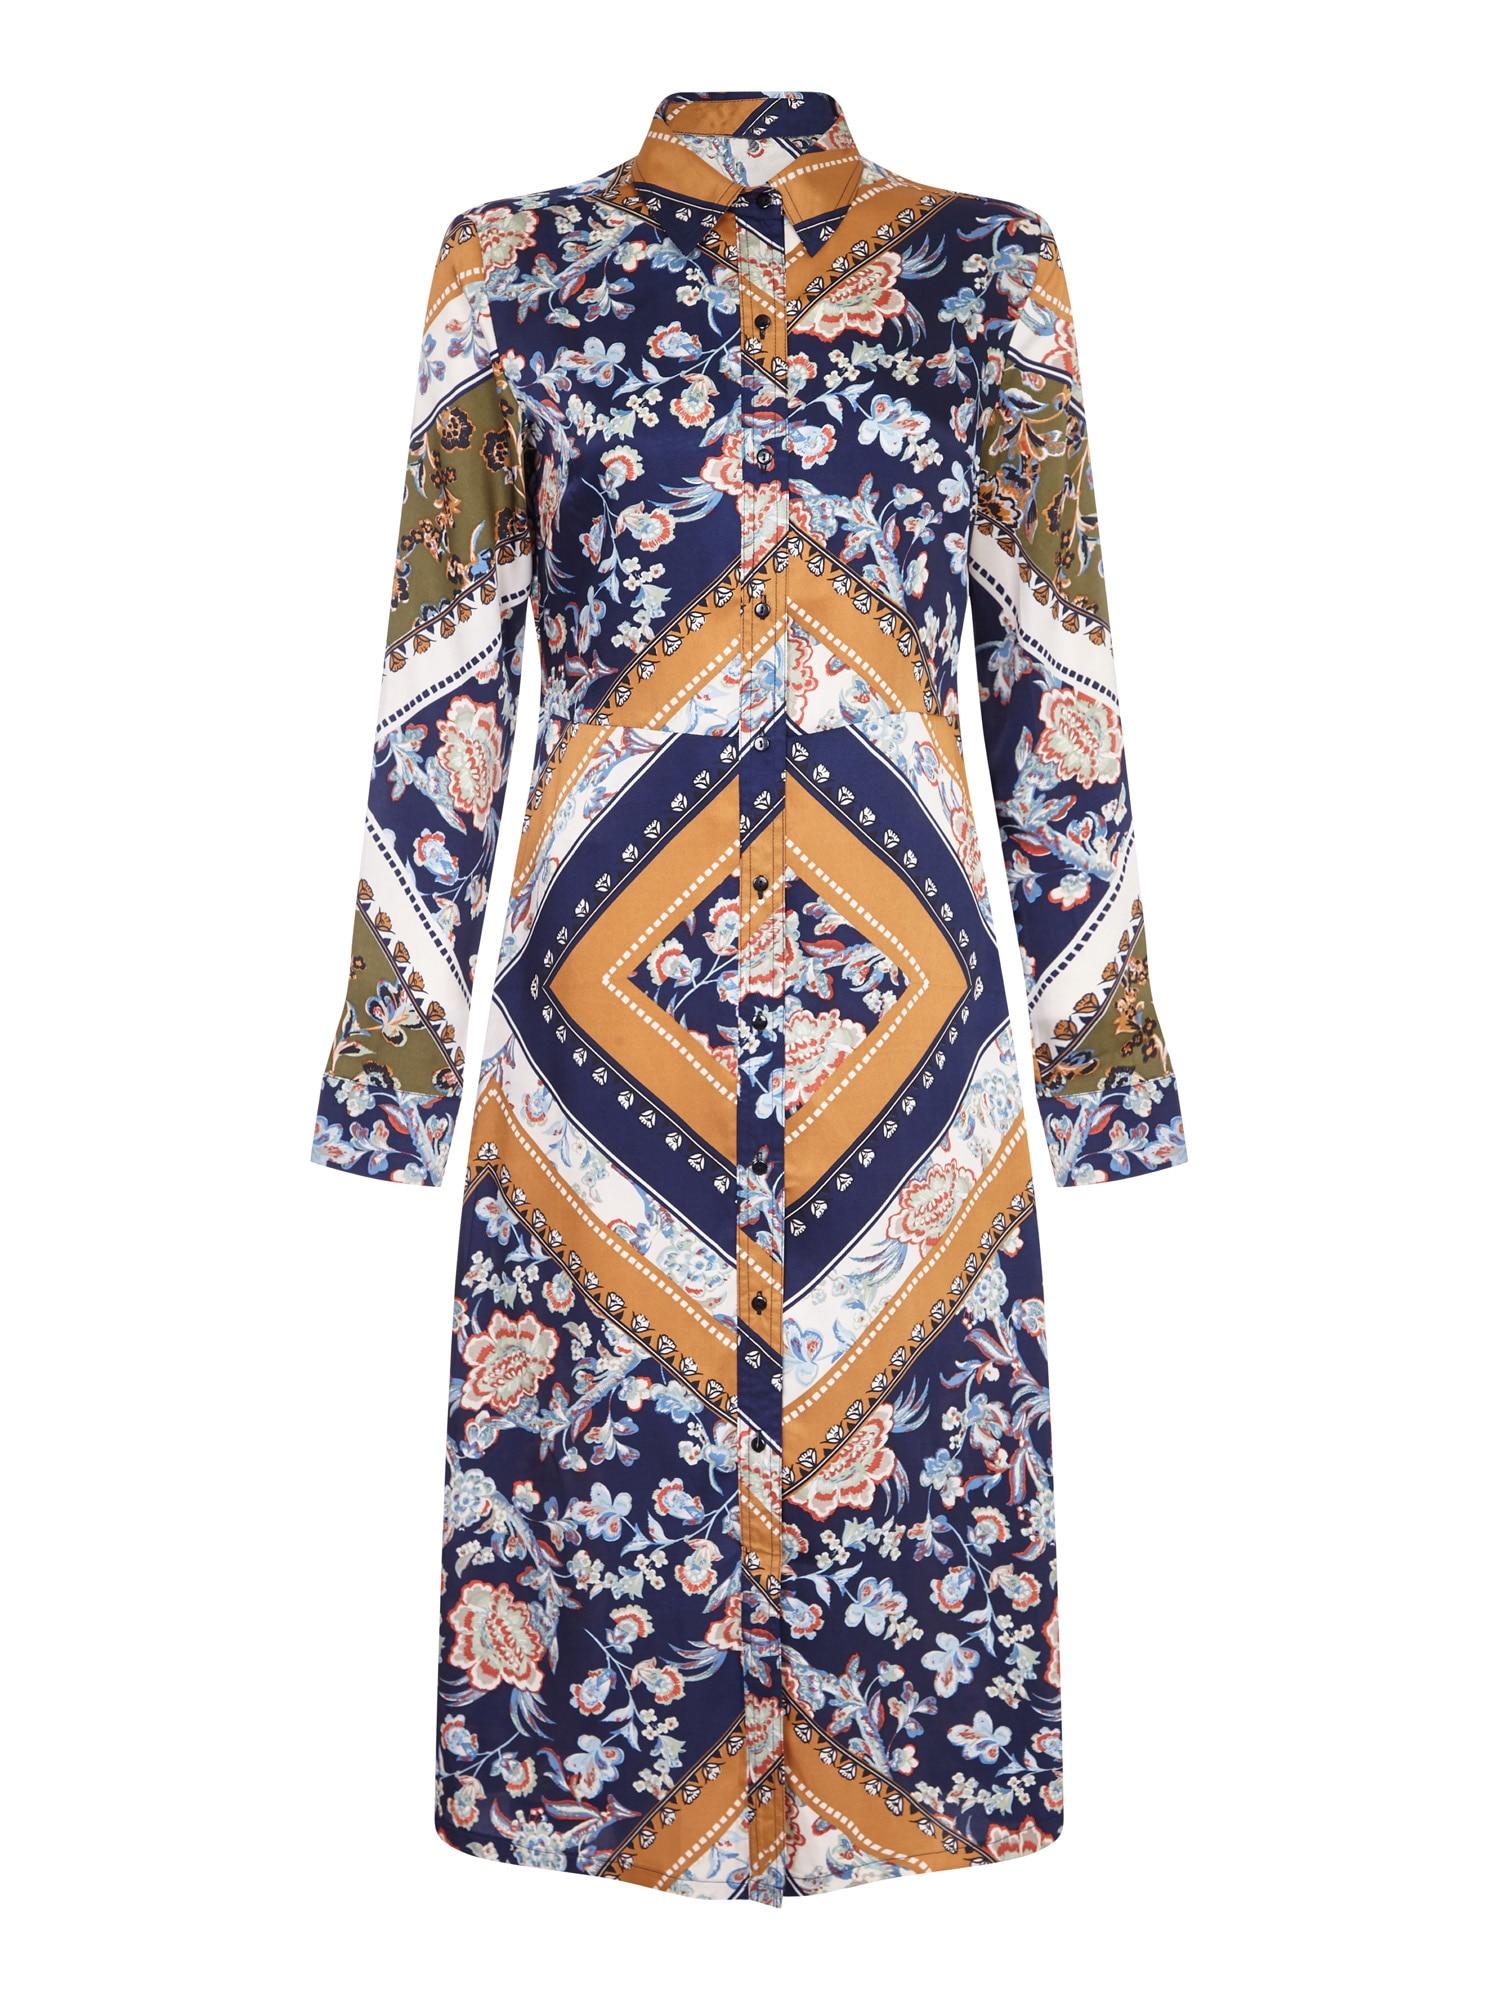 Letní šaty SCARF PRINT SHIRT DRESS námořnická modř okrová Mela London